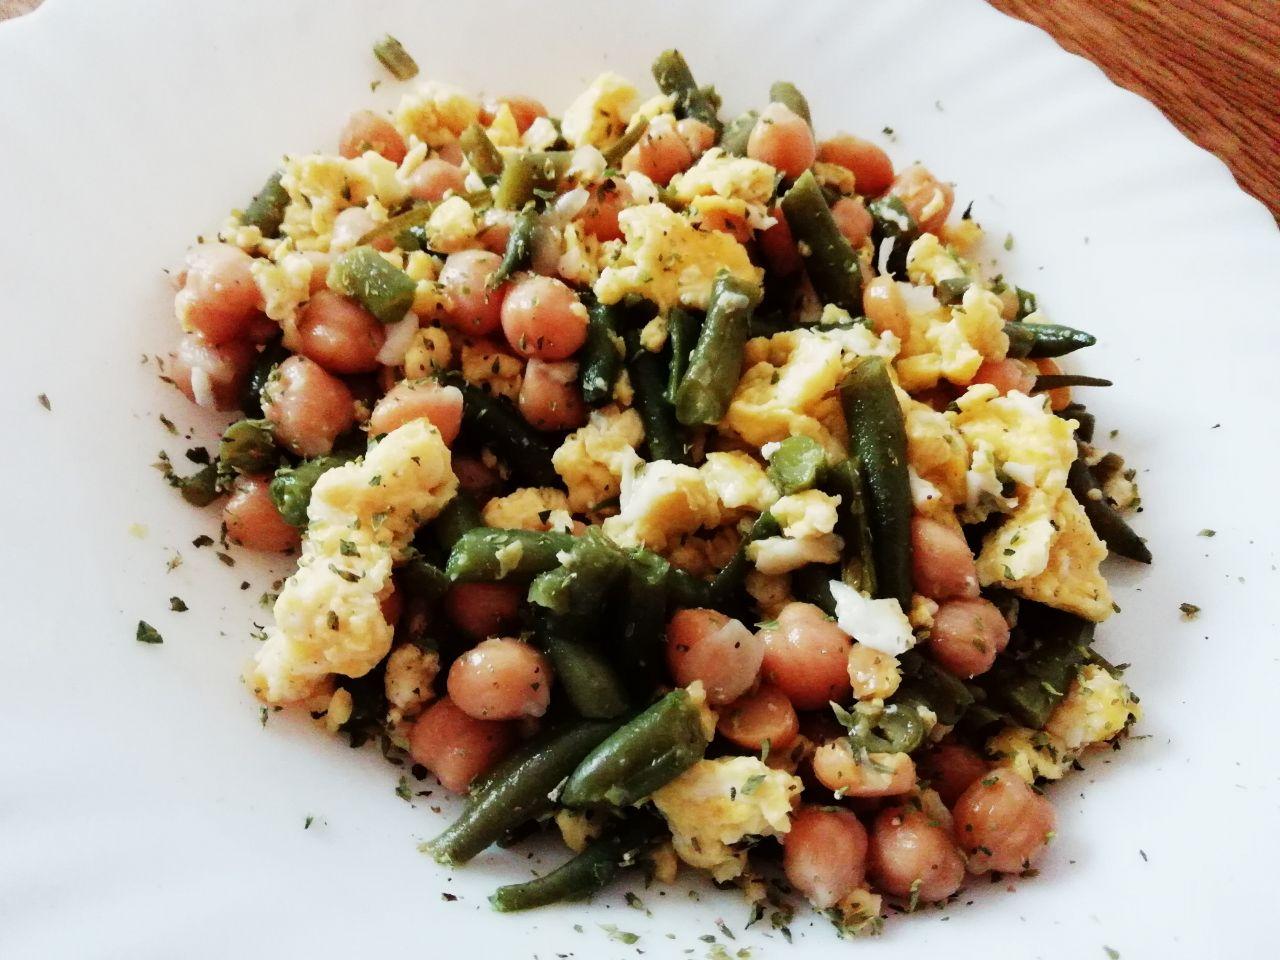 Ricette estive leggere: insalata di ceci, uova e fagiolini